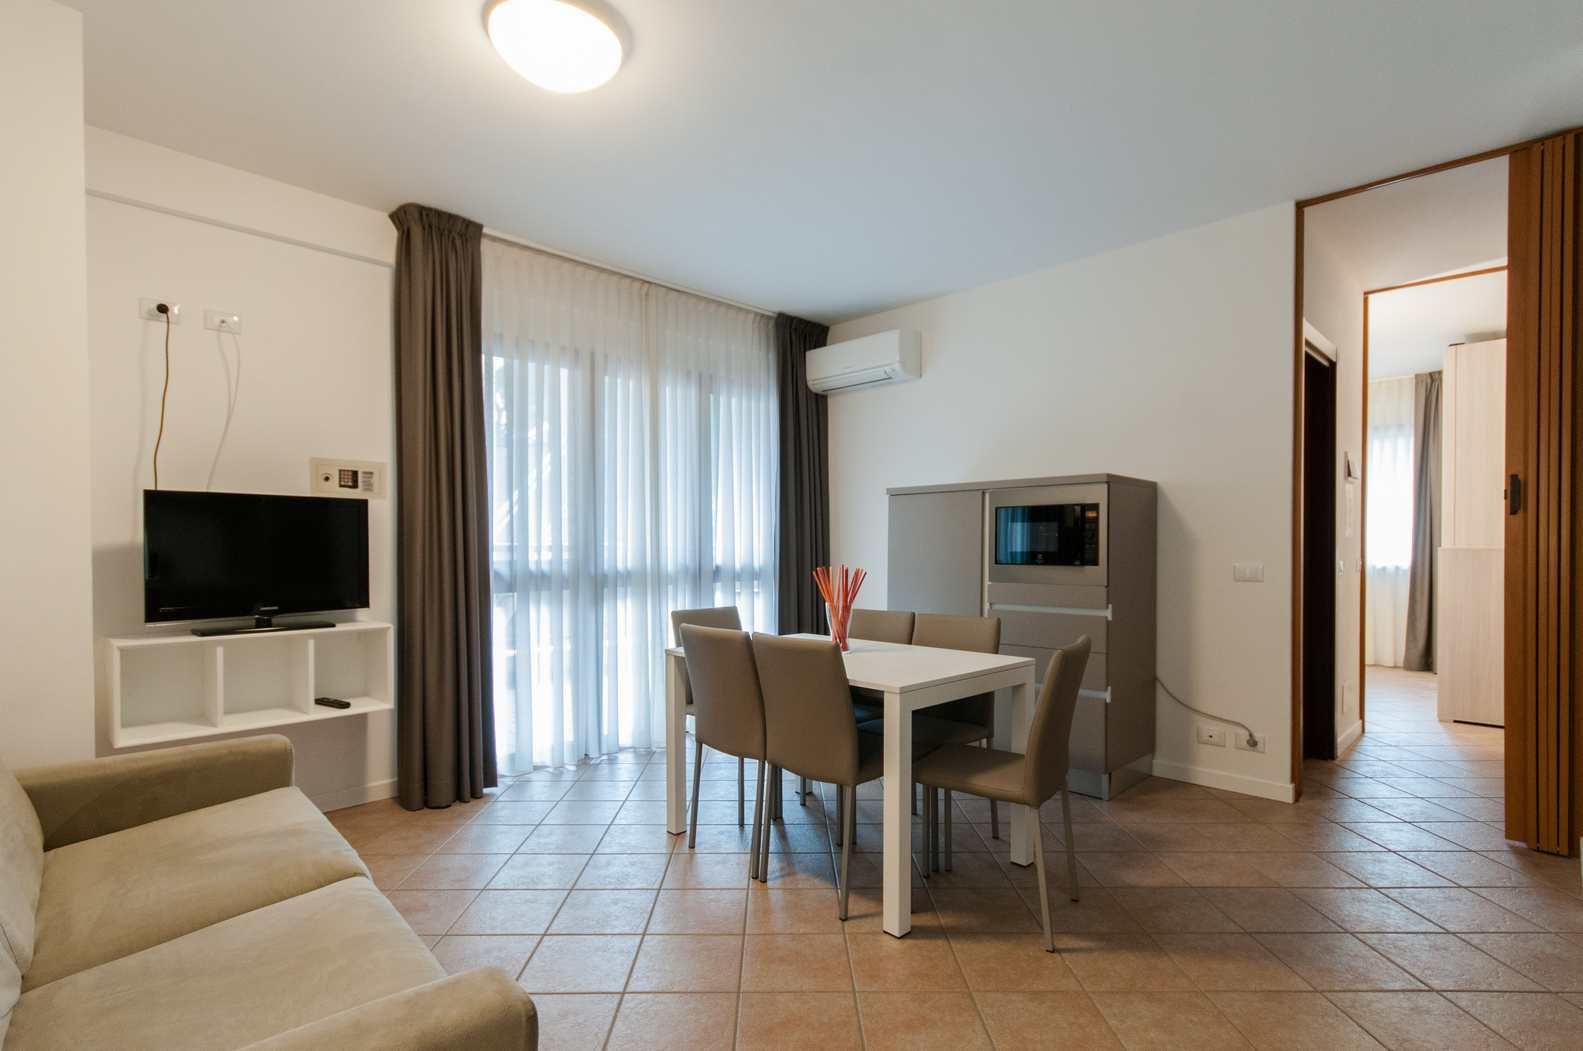 Foto Soggiorno e Appartamento - Residence Vacanze Milano Marittima - Appartamento Vacanze - Trilocale 205